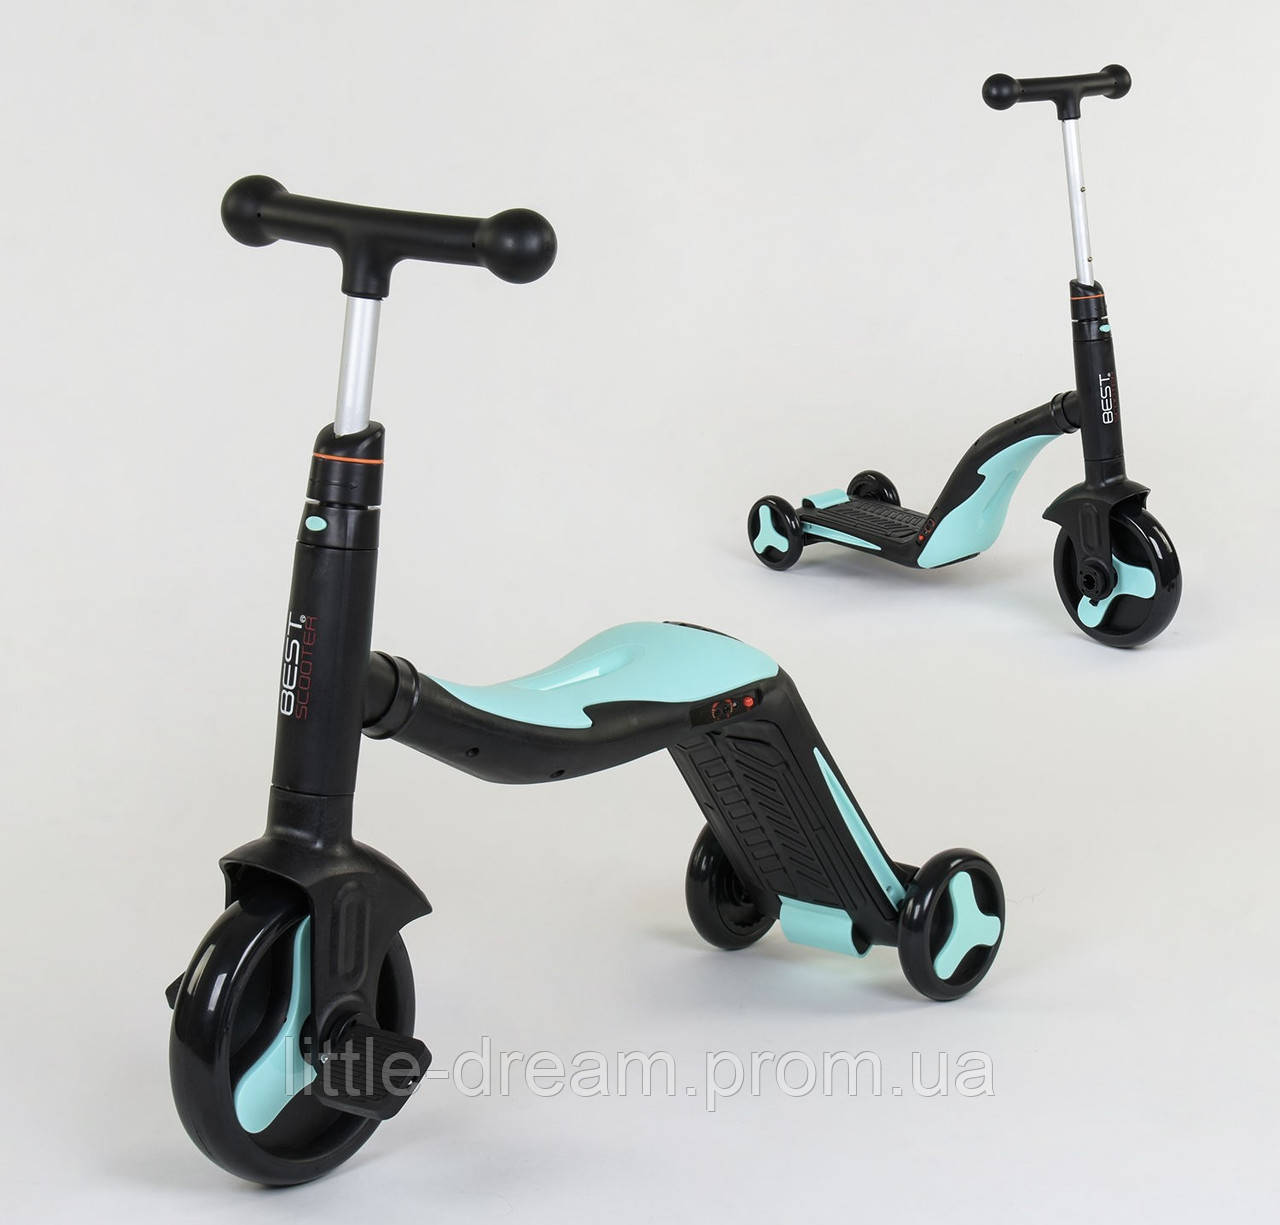 Cамокат-велобег-велосипед 3 в 1 JT 20255, цвет голубой, свет, 8 мелодий, колёса PU